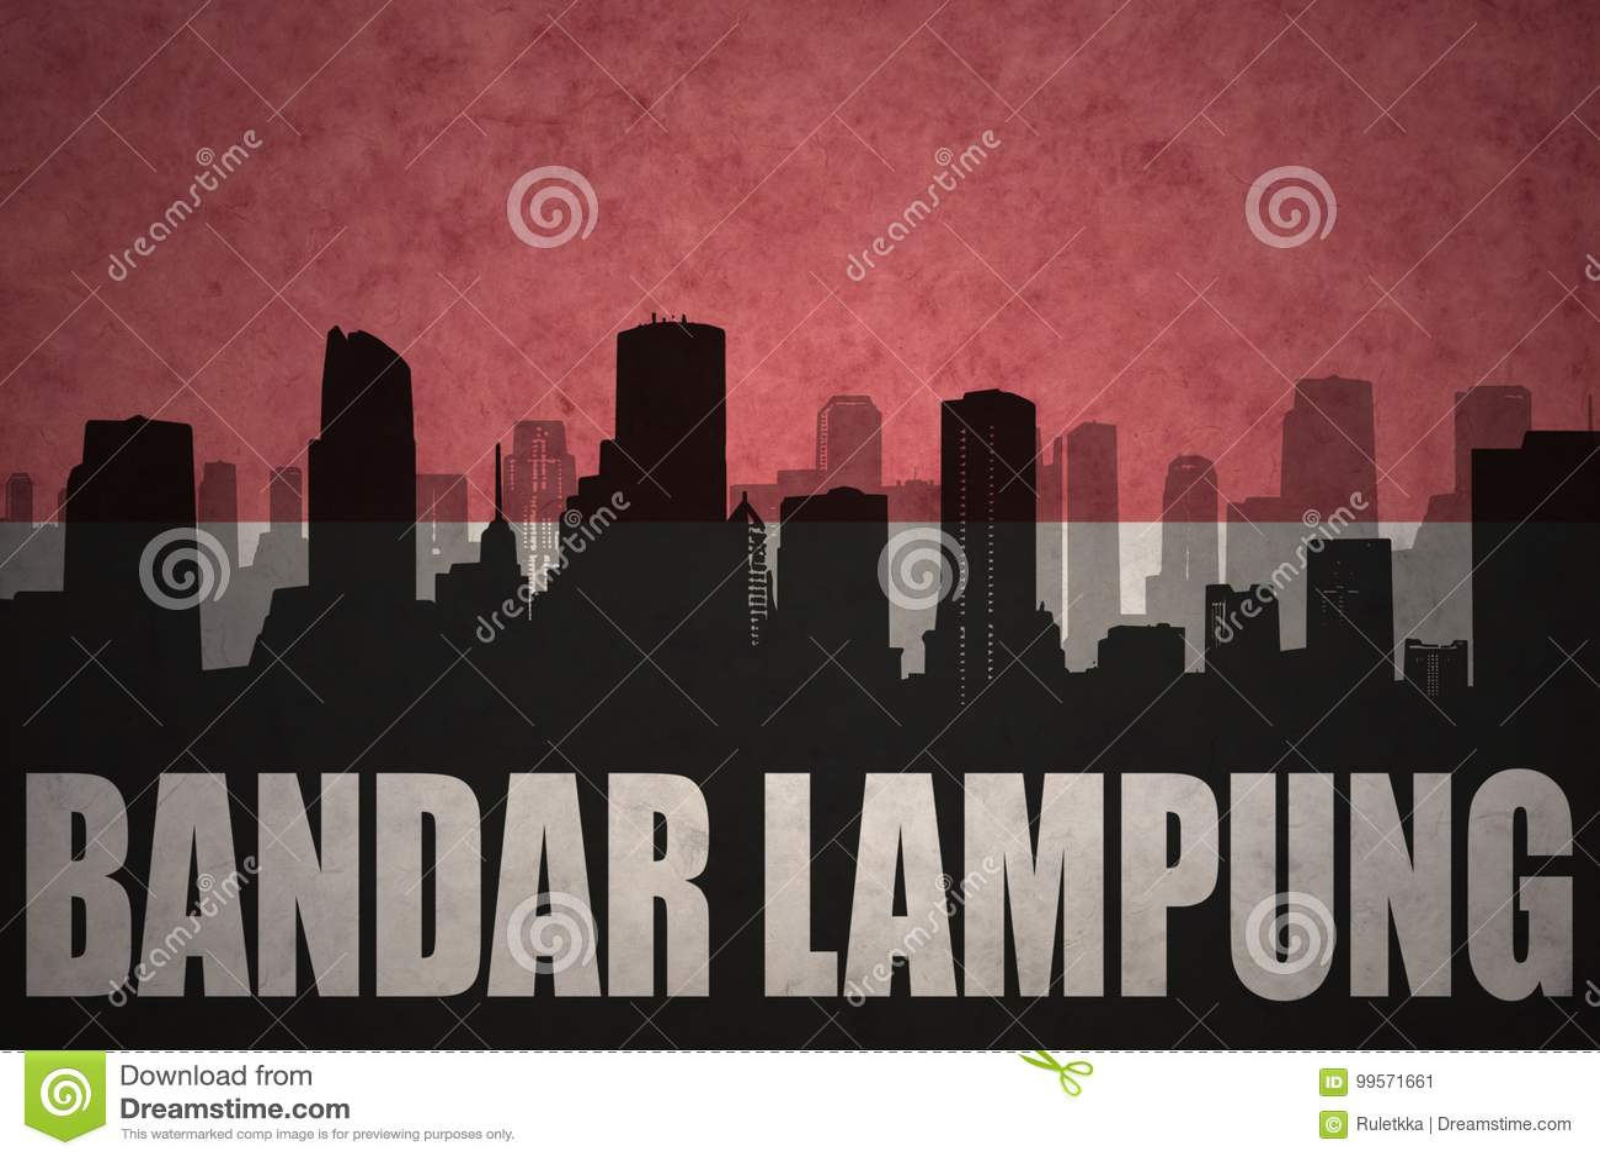 Lampung City Stock Illustrations 21 Lampung City Stock Illustrations Vectors Clipart Dreamstime